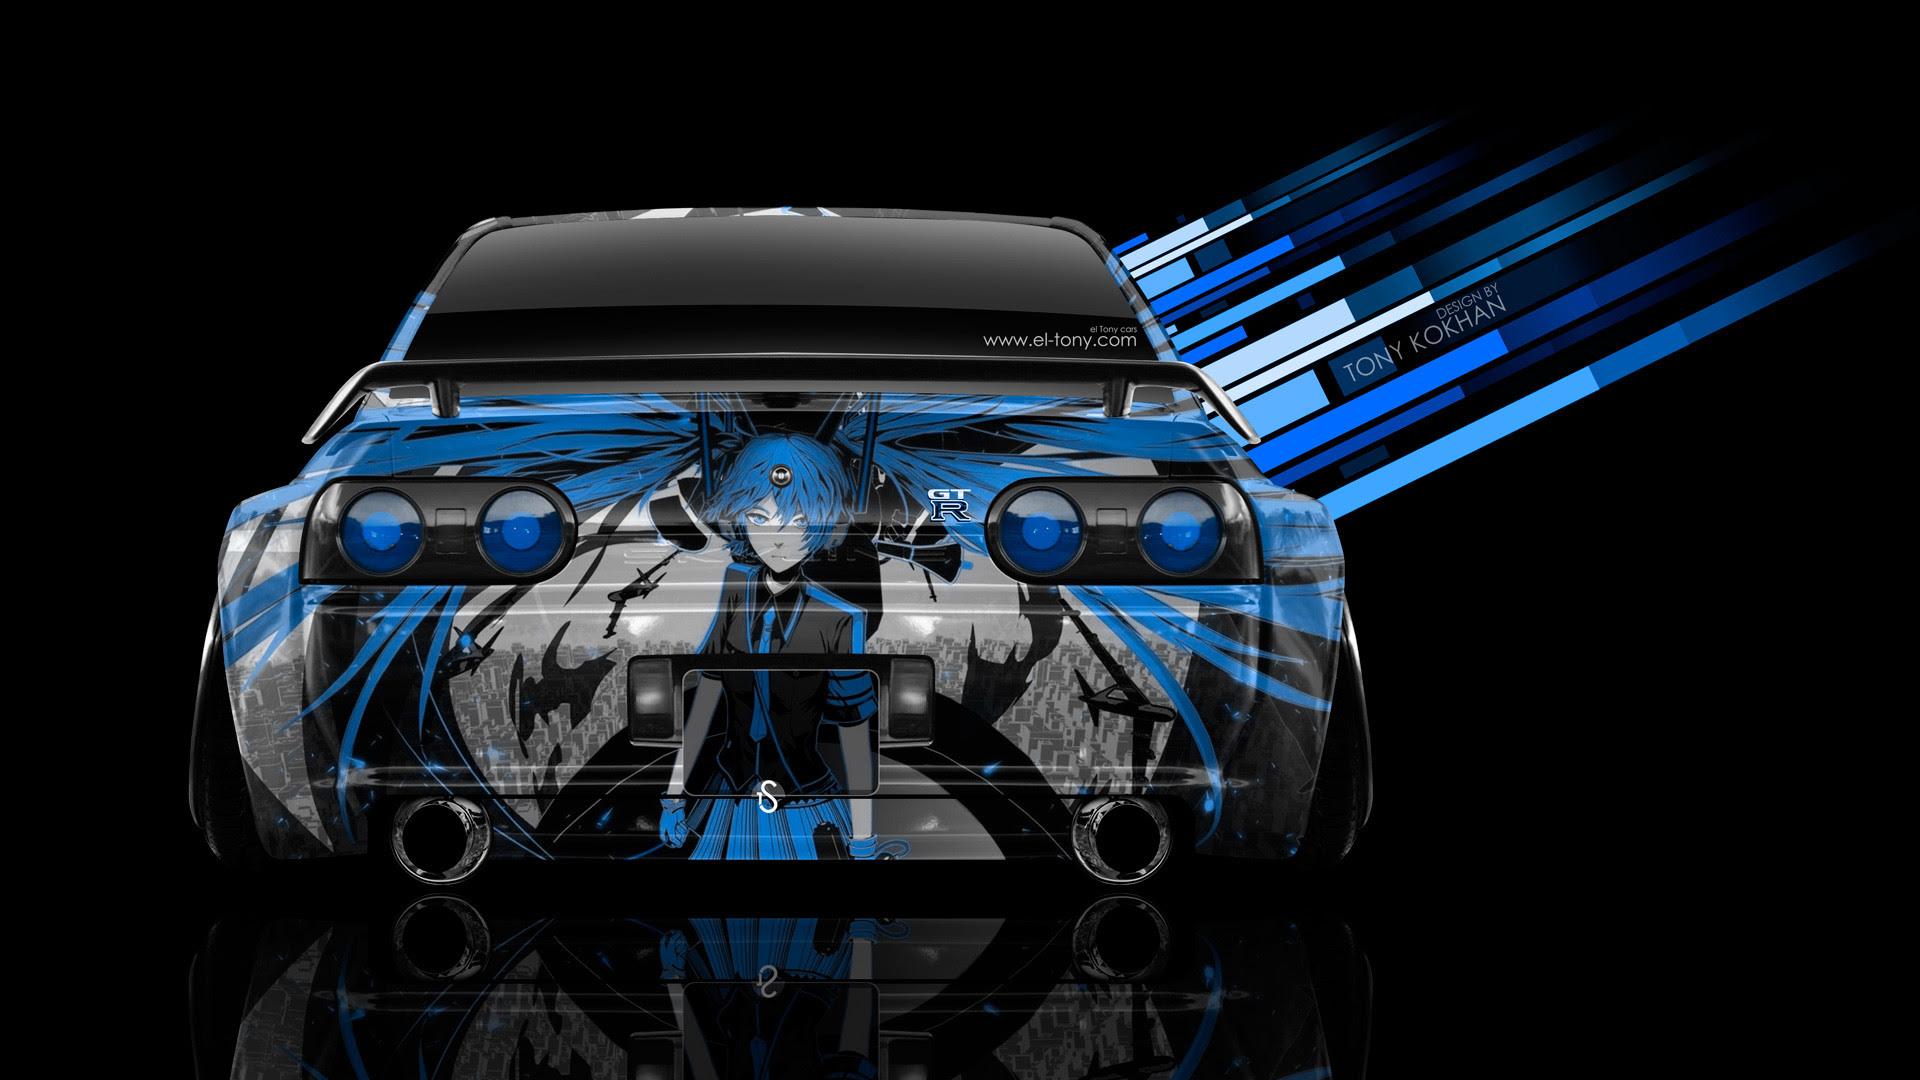 R32 GTR Wallpaper (70+ images)